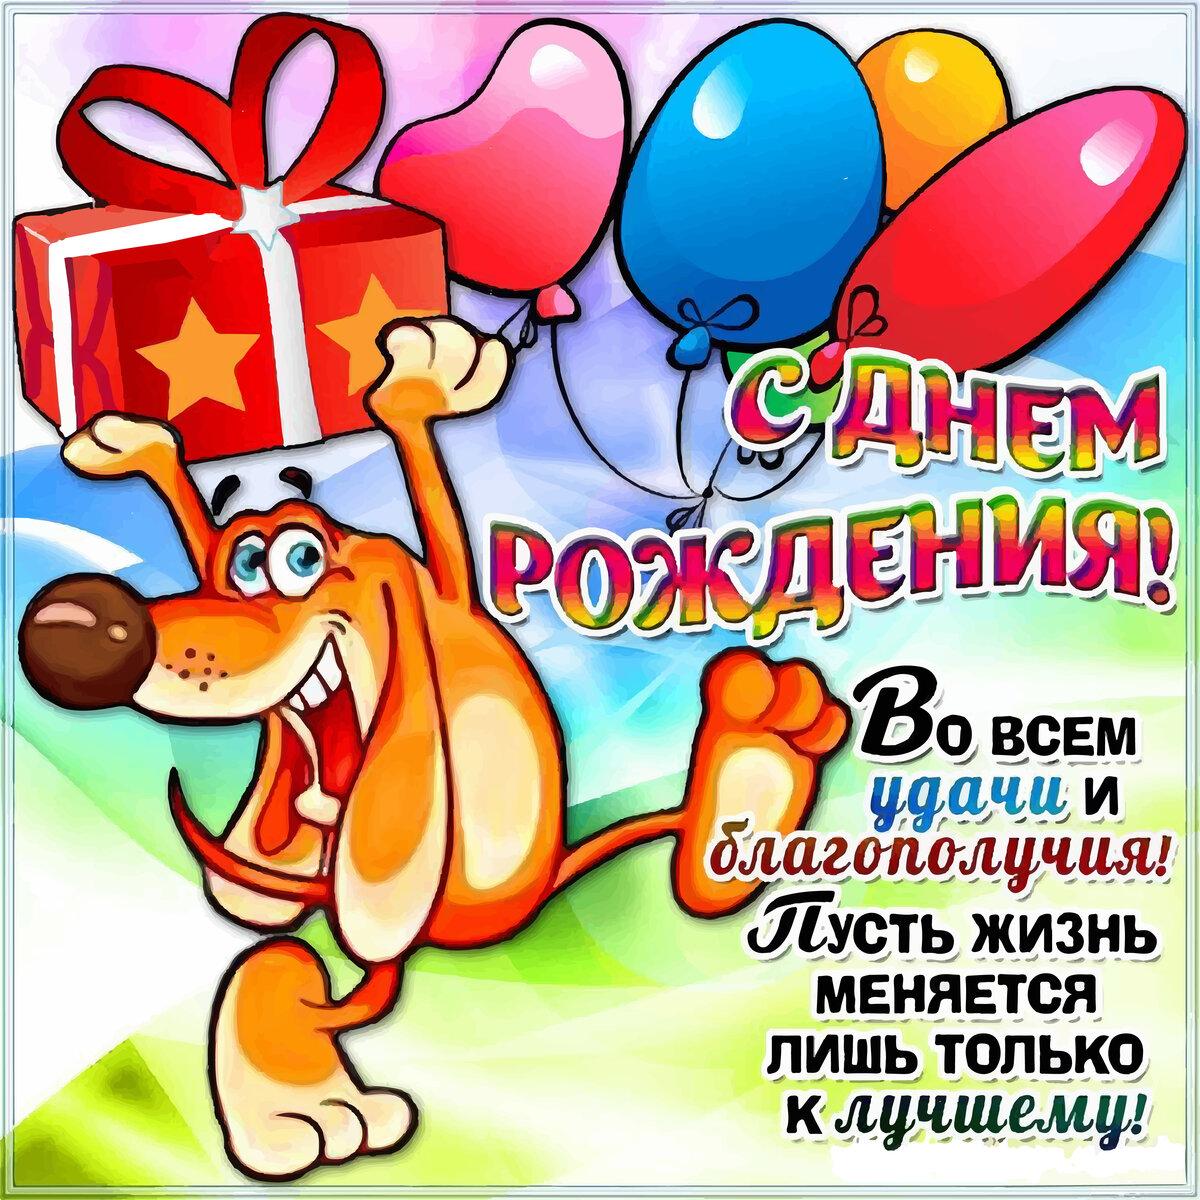 Прикольные фото в метро москвы под